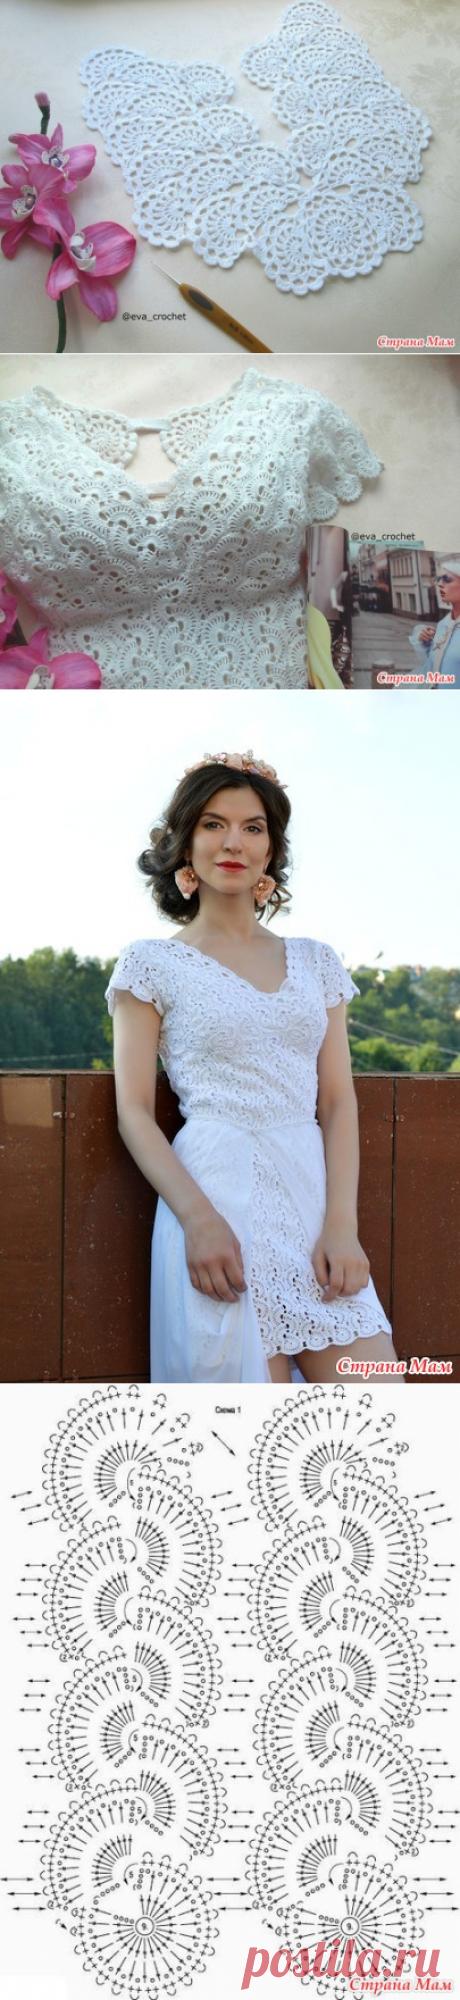 Маленькое белое платье. Реплика платья Любы Сергеевой. - Вязание - Страна Мам